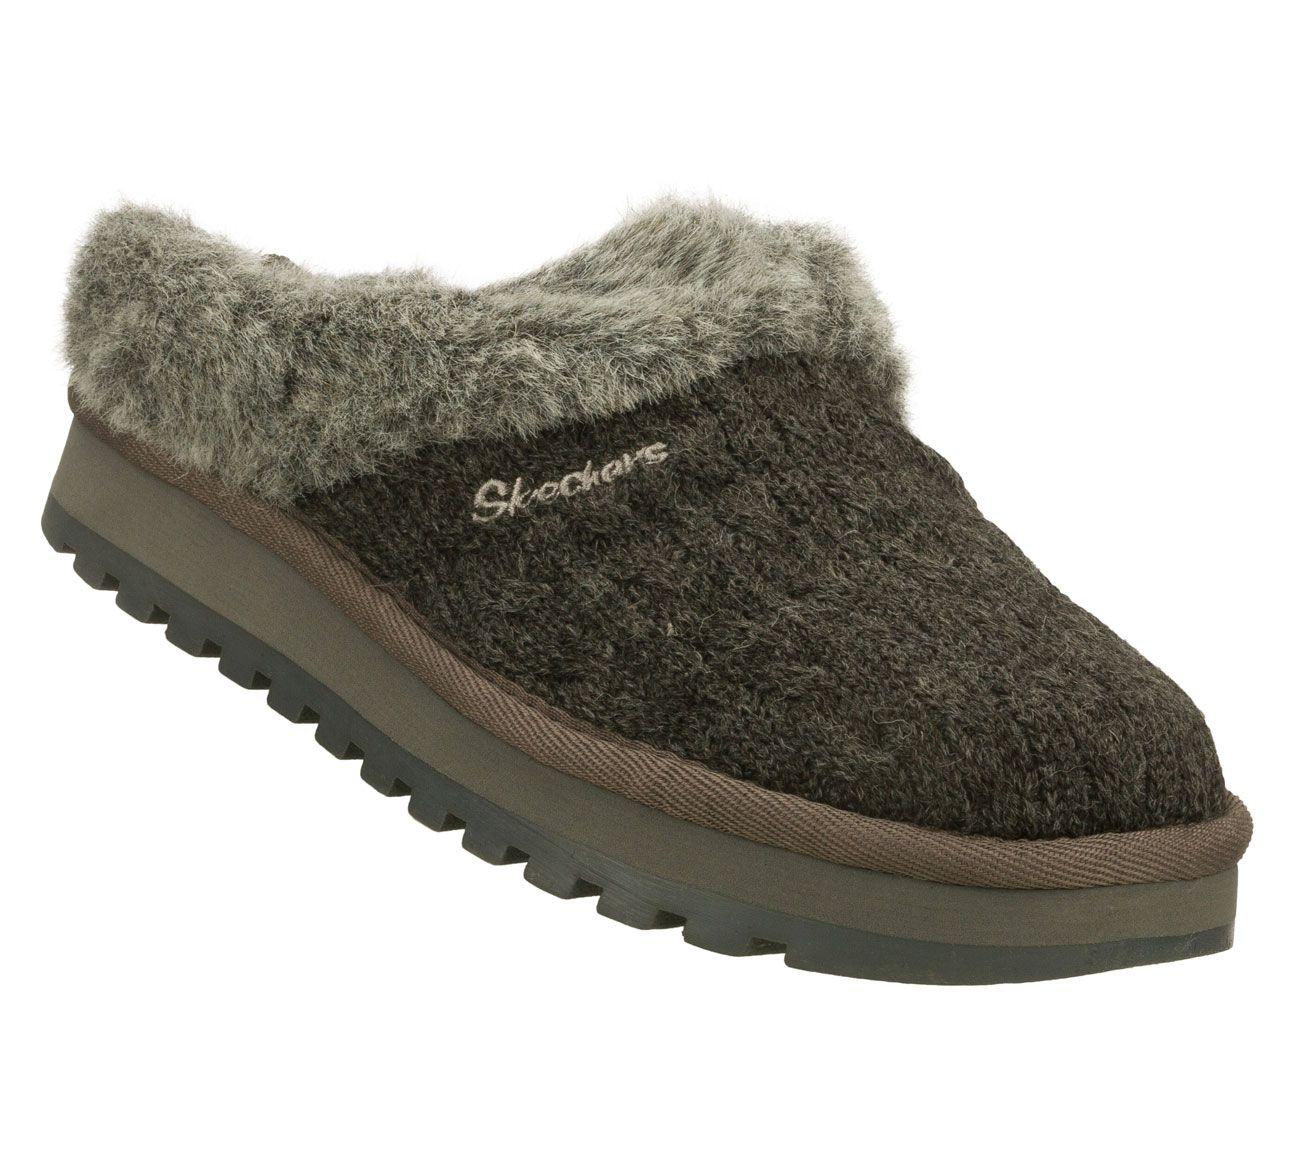 Skechers shoes, Skechers slippers